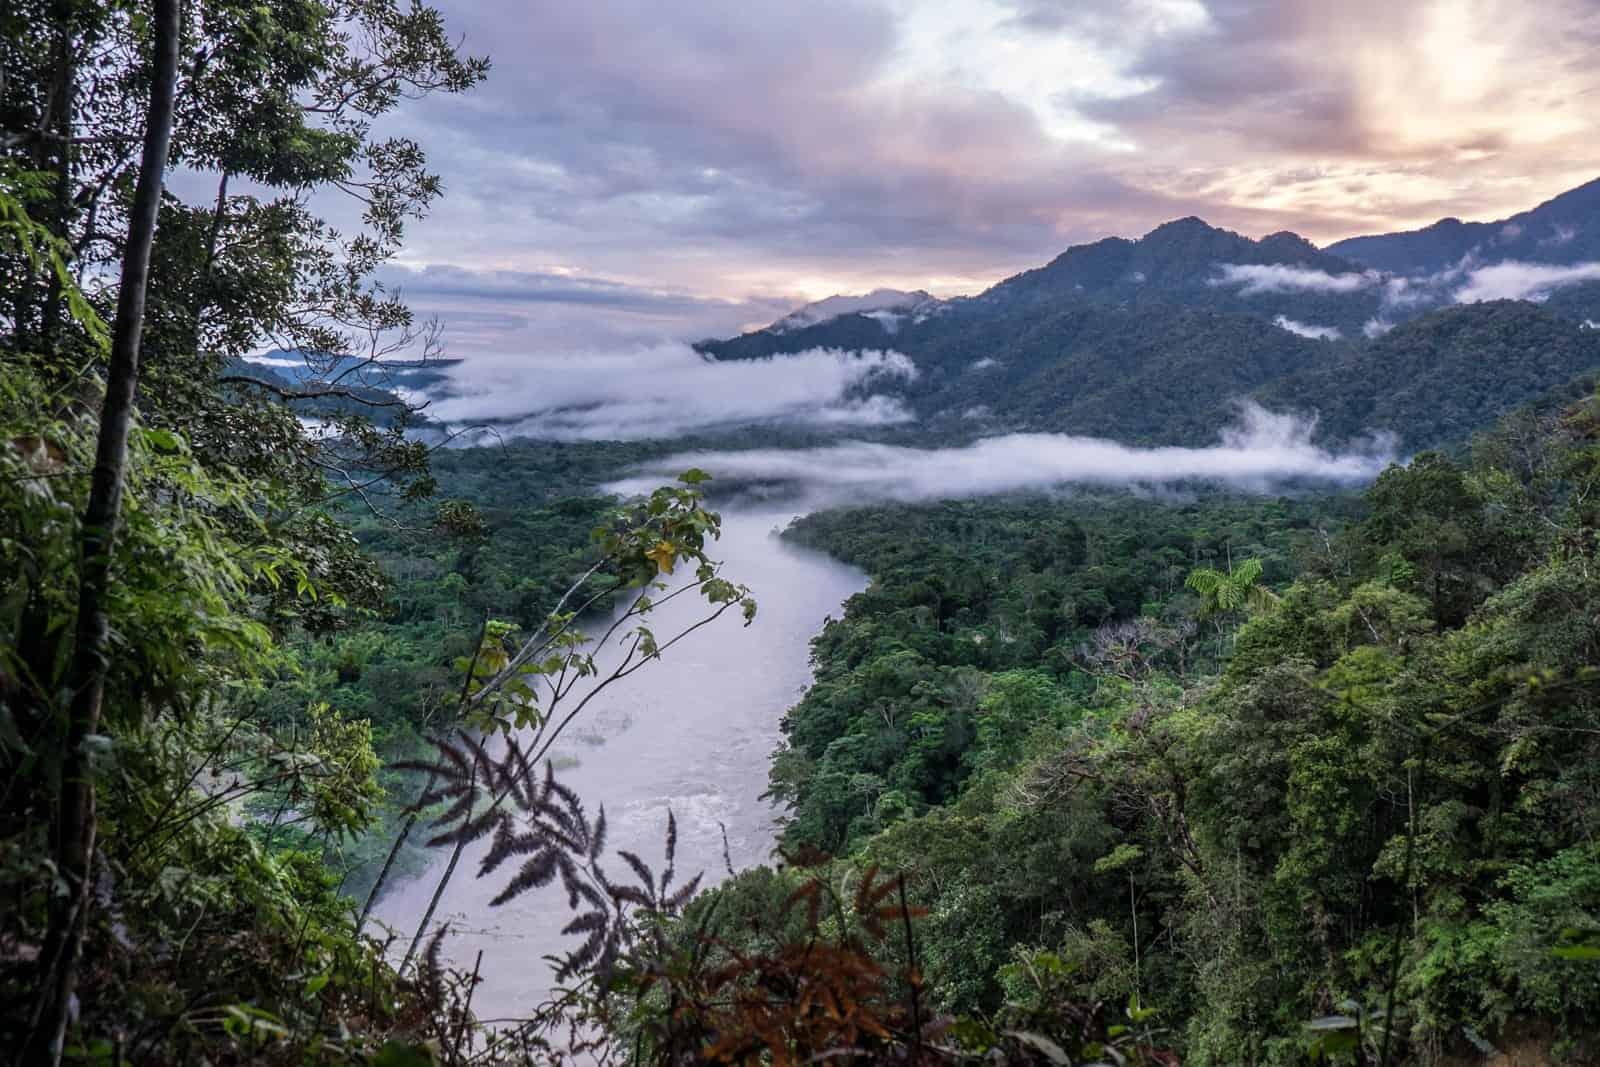 La selva y el paisaje fluvial de la selva amazónica ecuatoriana